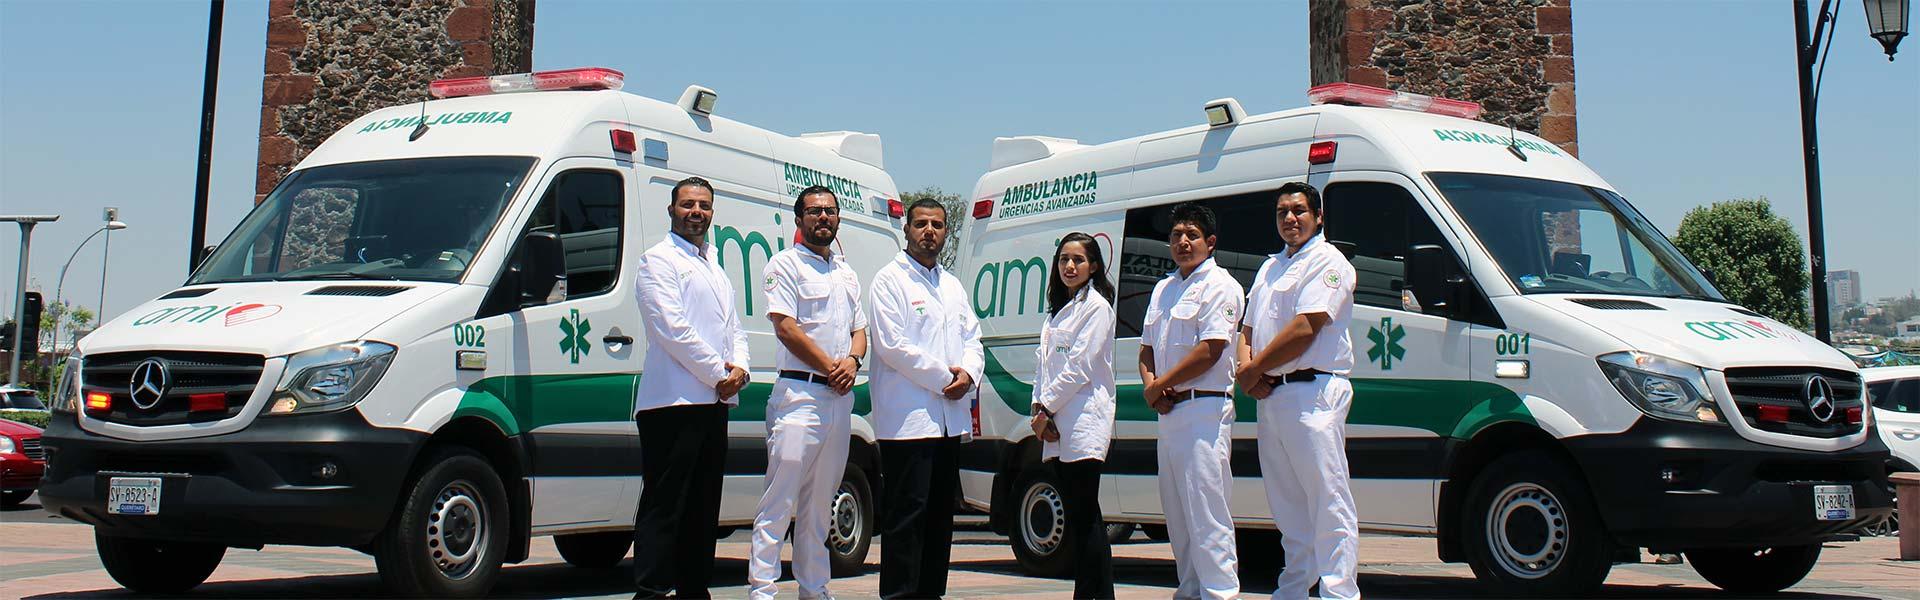 asistencia medica llega a México